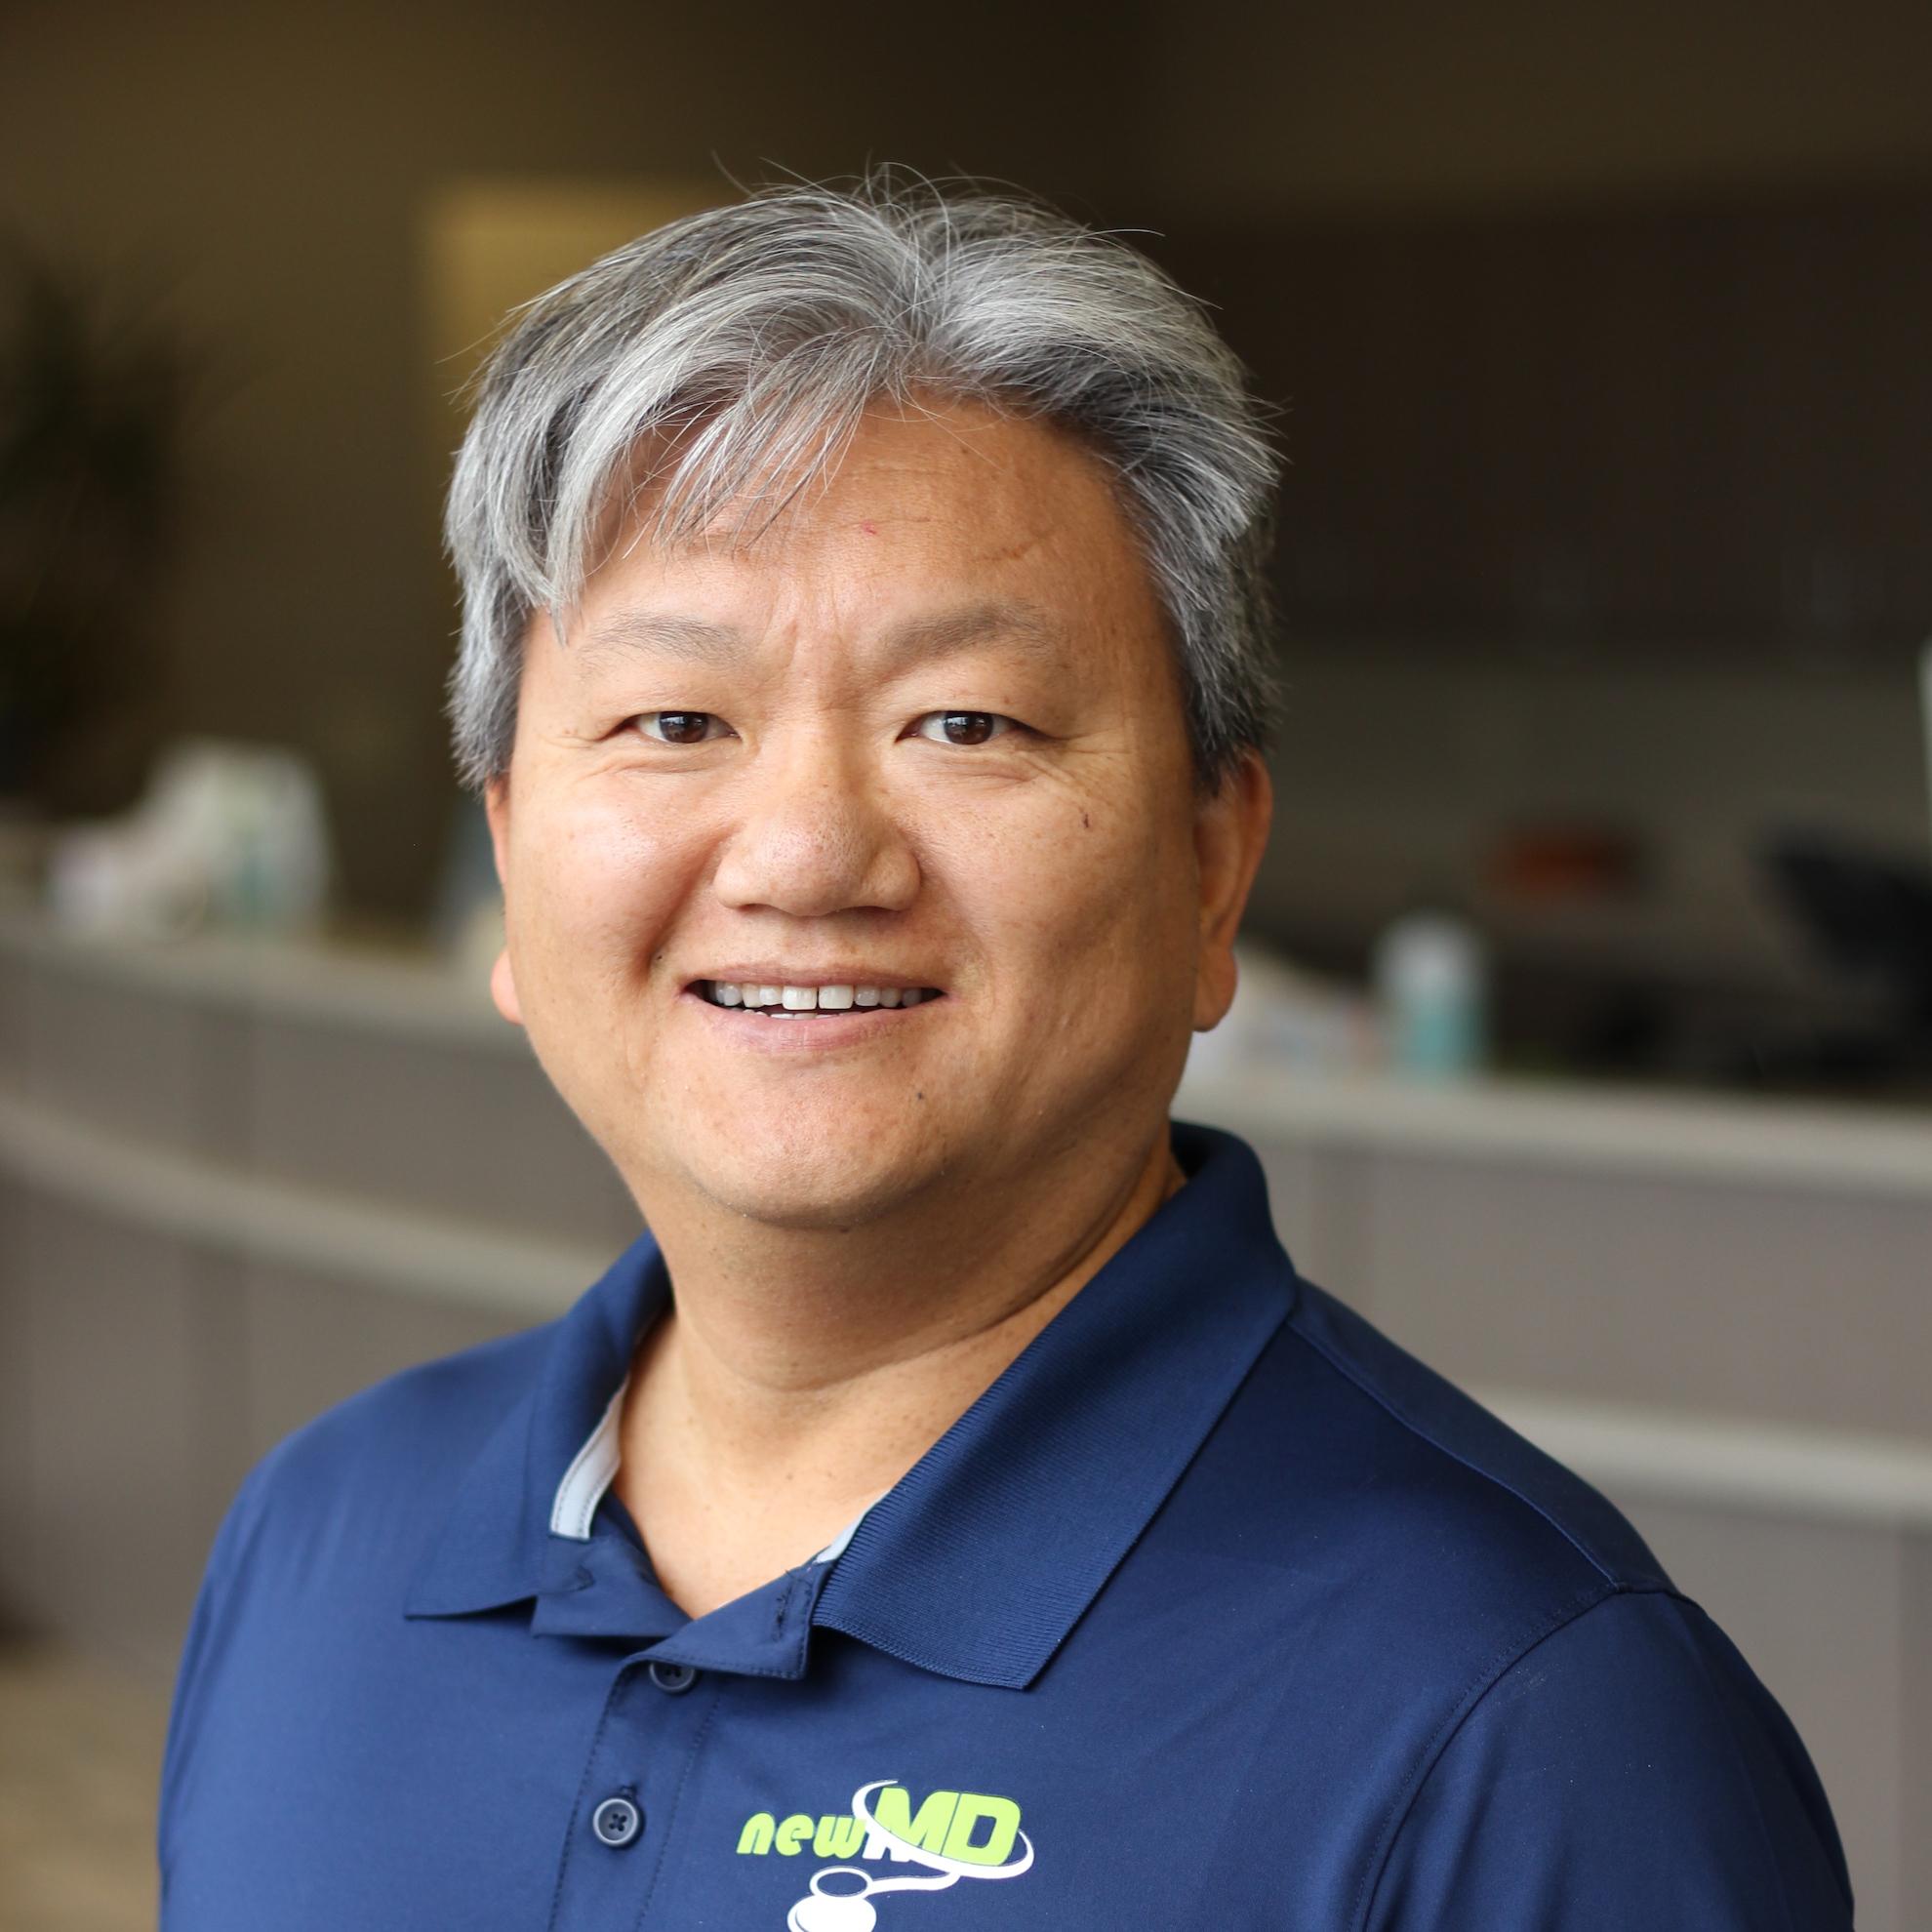 Dr. Bobby Yun